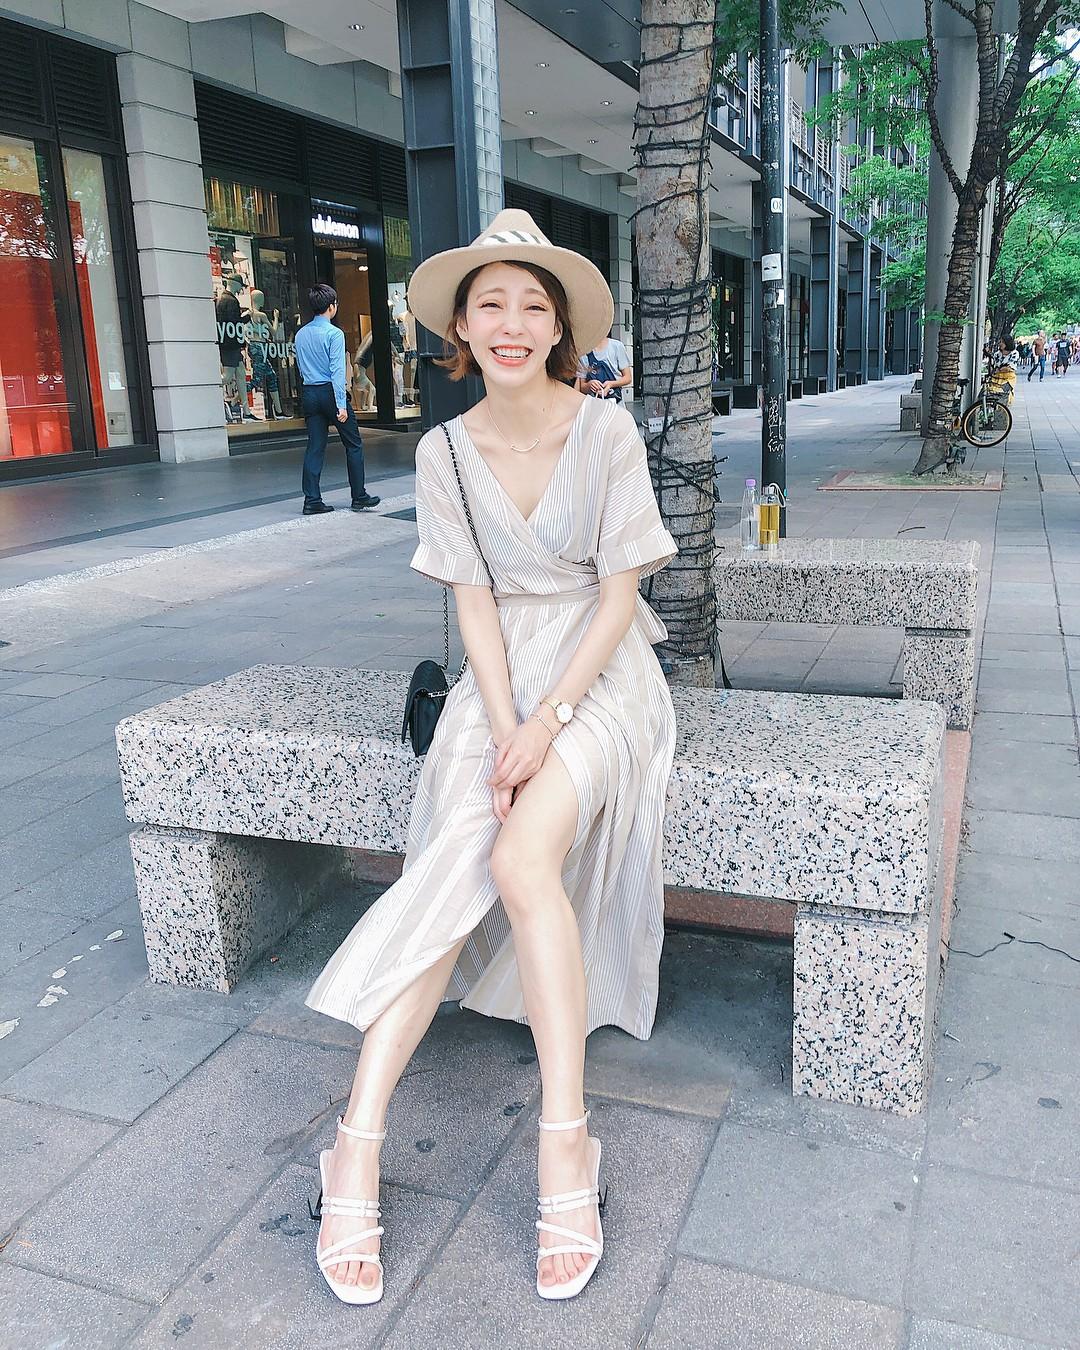 """5 gợi ý trang phục này đảm bảo sẽ giúp bạn """"ghi điểm"""" trong buổi hẹn hò với chàng - Ảnh 2"""